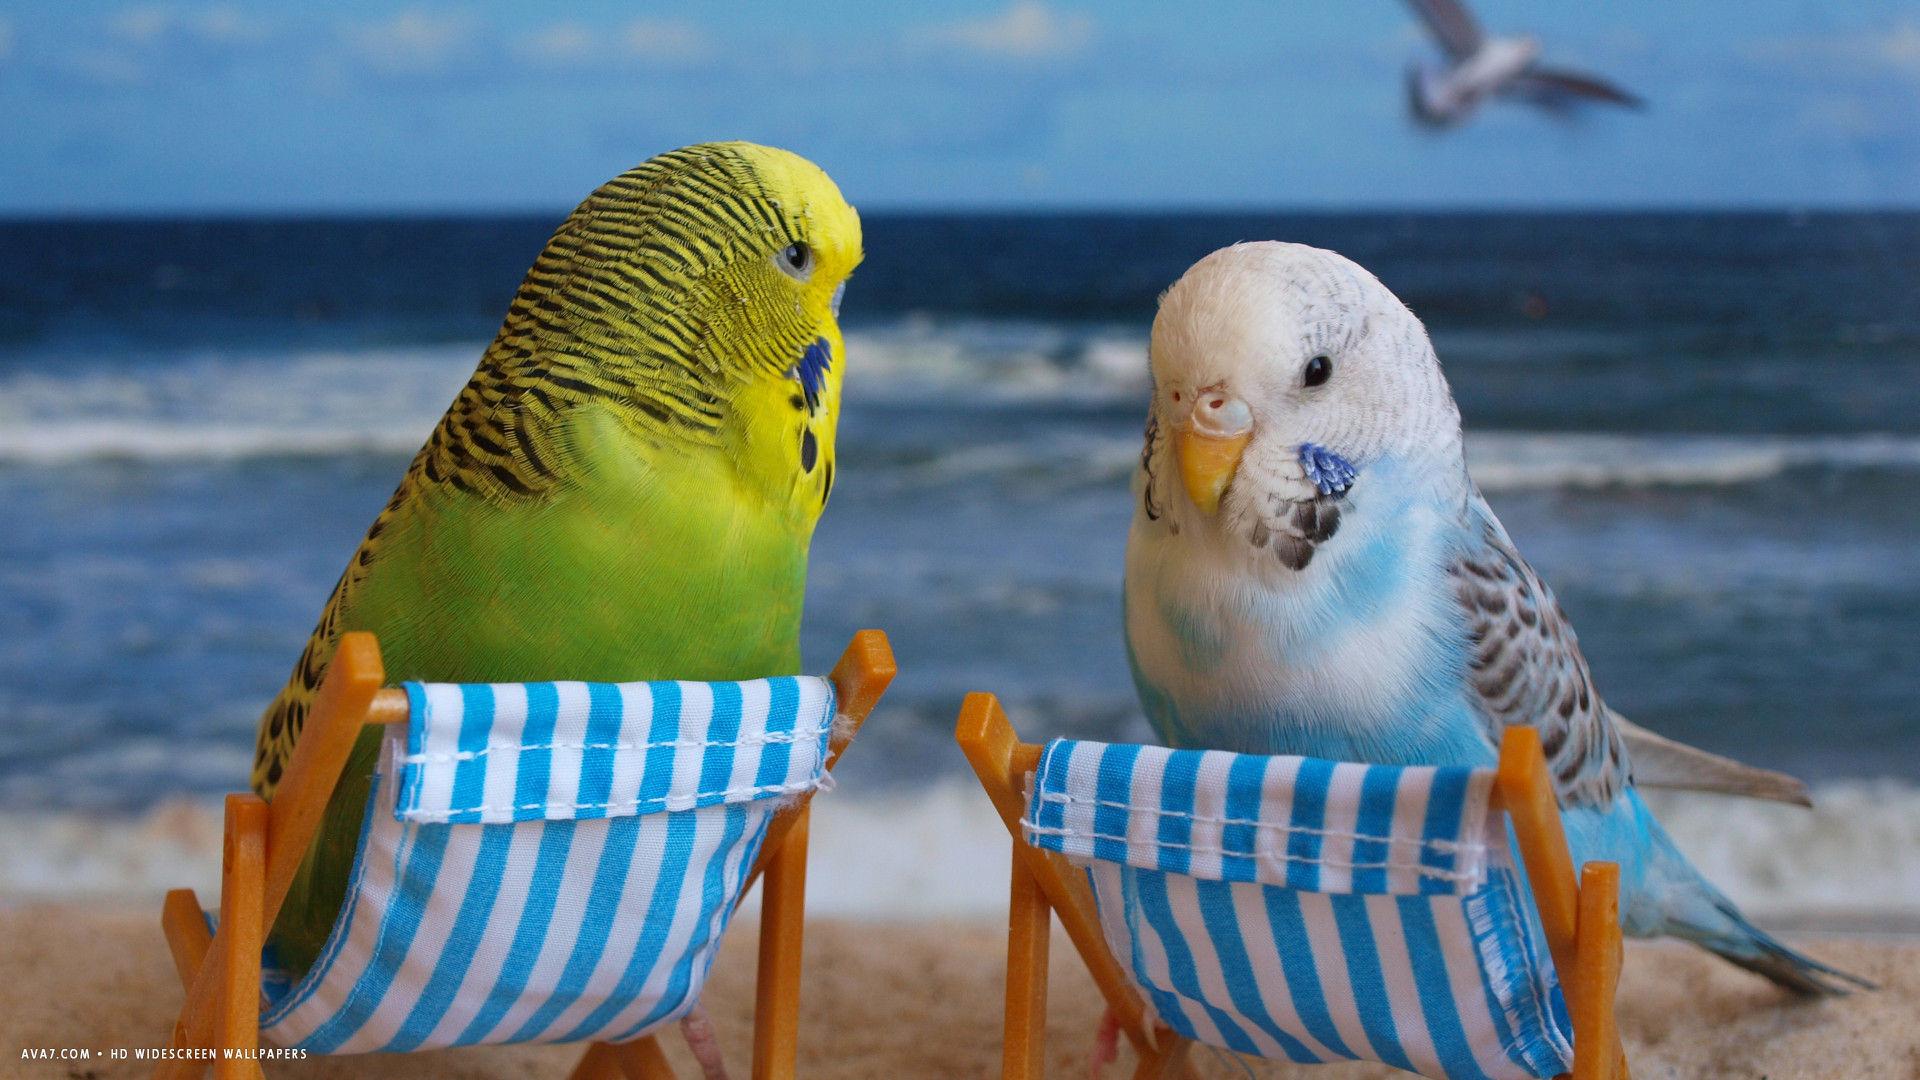 budgie funny budgies birds beach hd widescreen wallpaper / birds